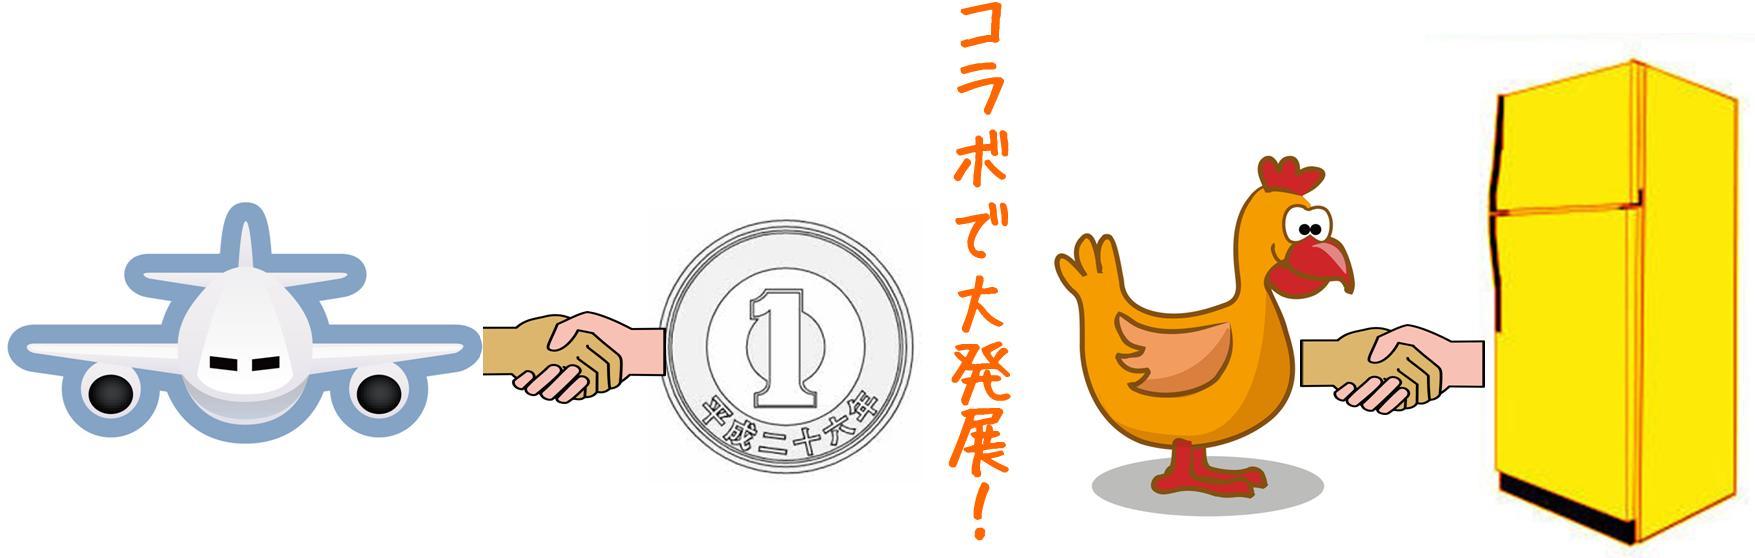 korabo_niwatori2.jpg